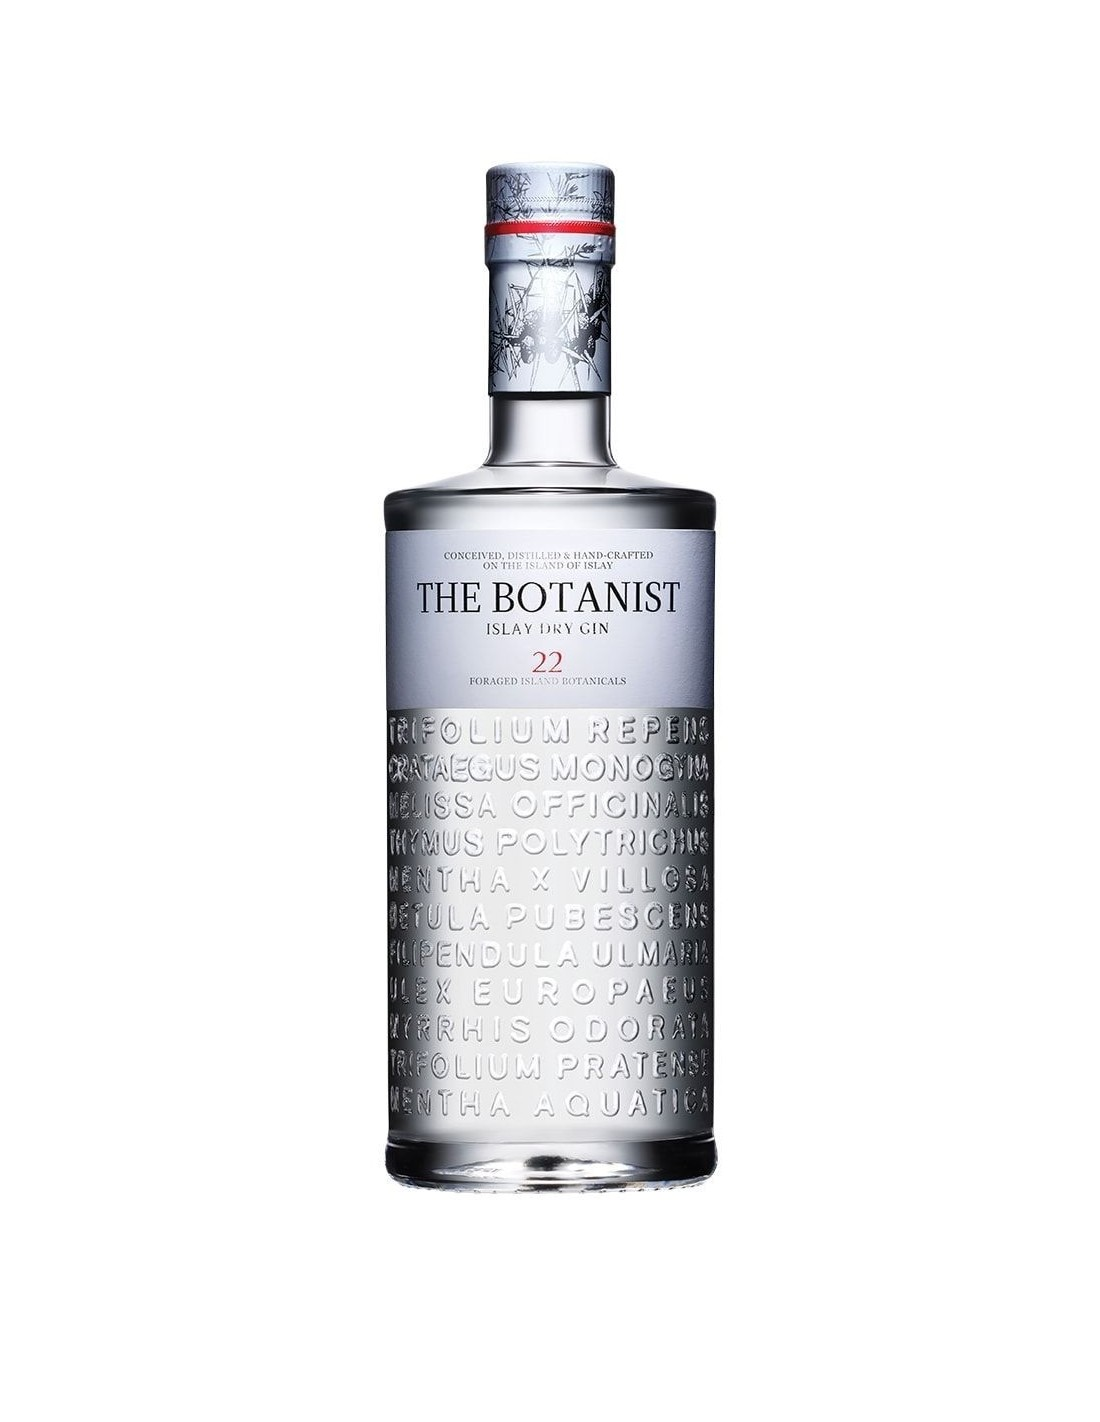 Gin The Botanist 46% alc., 0.7L, Scotia